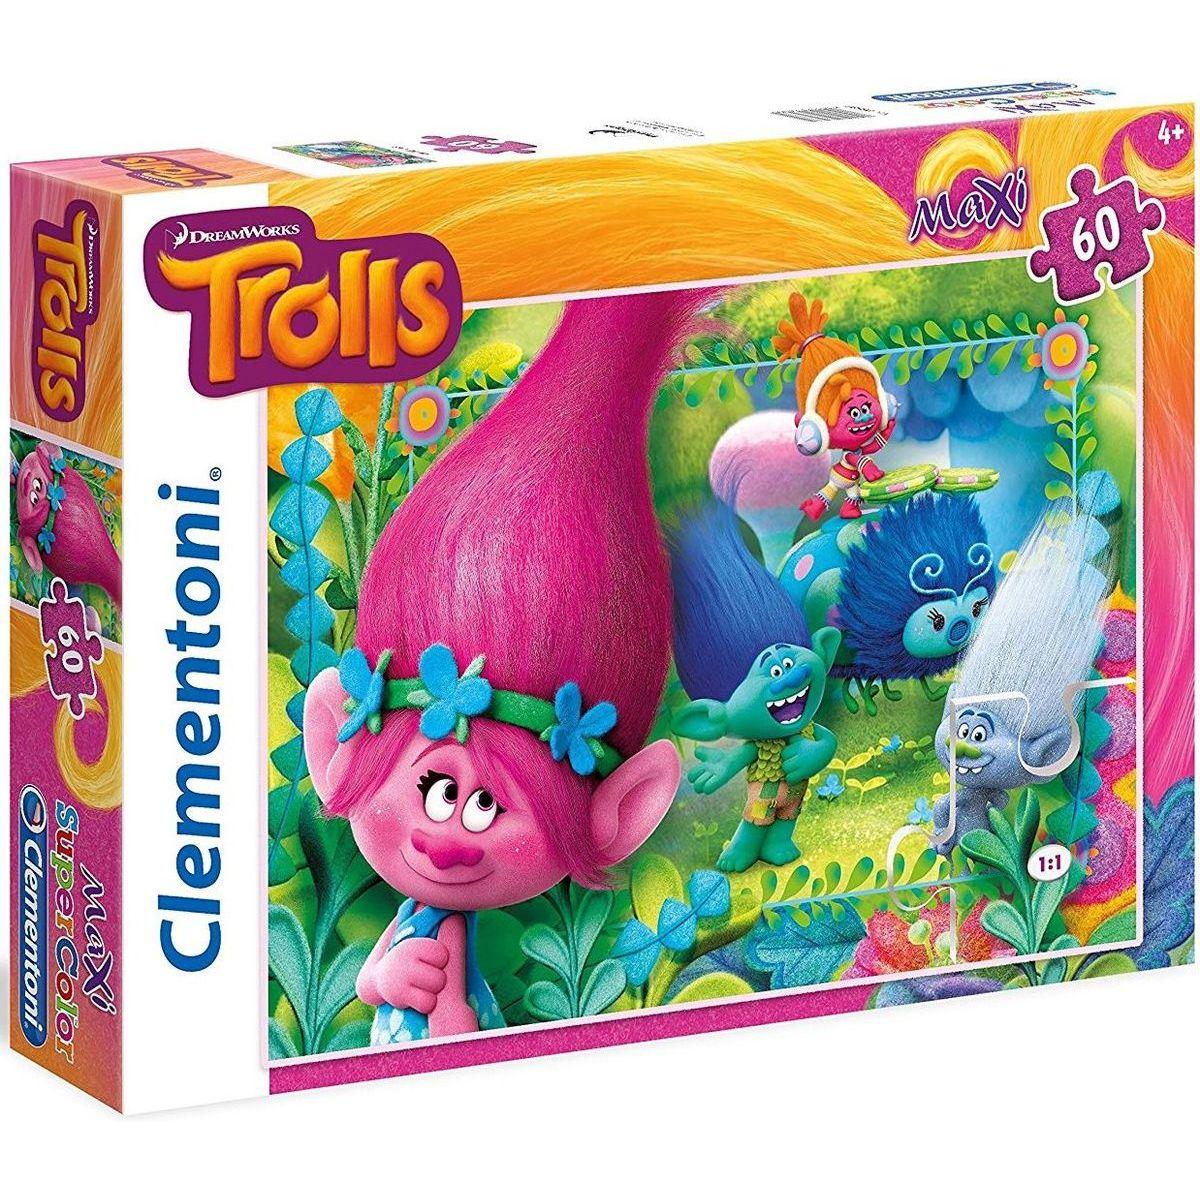 Clementoni Trollovia Puzzle Maxi Supercolor 60 dielikov